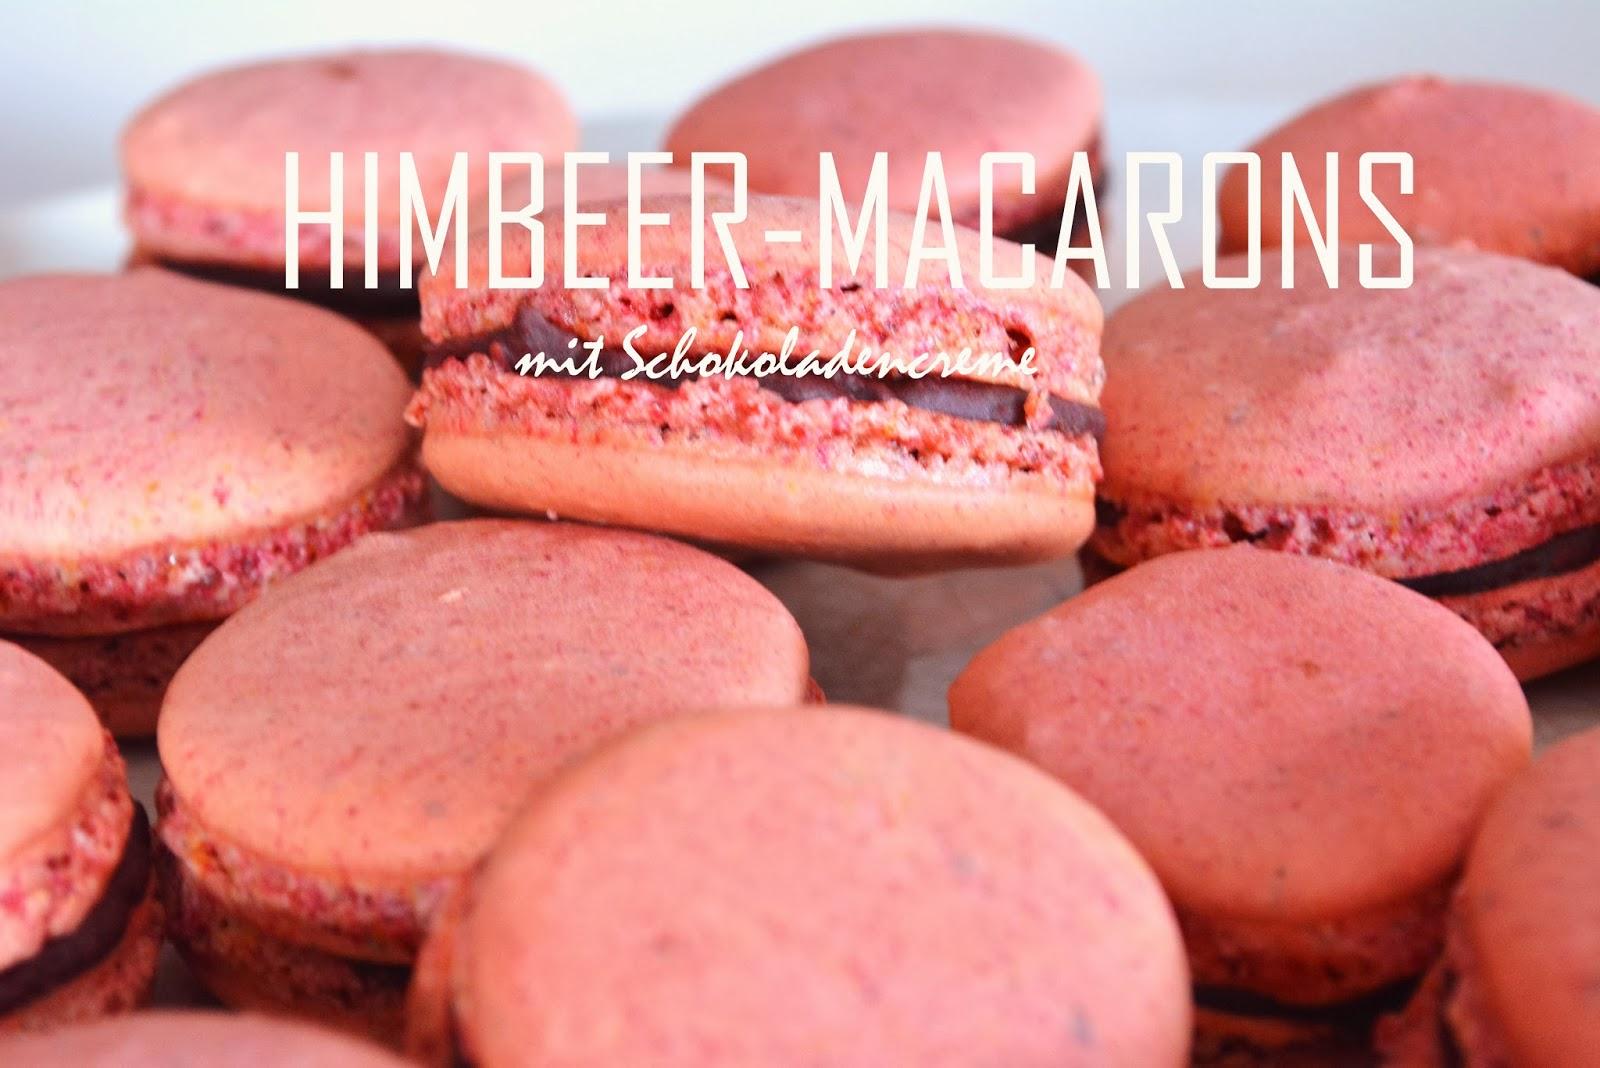 http://pia-malagala.blogspot.de/2014/01/himbeer-macarons.html